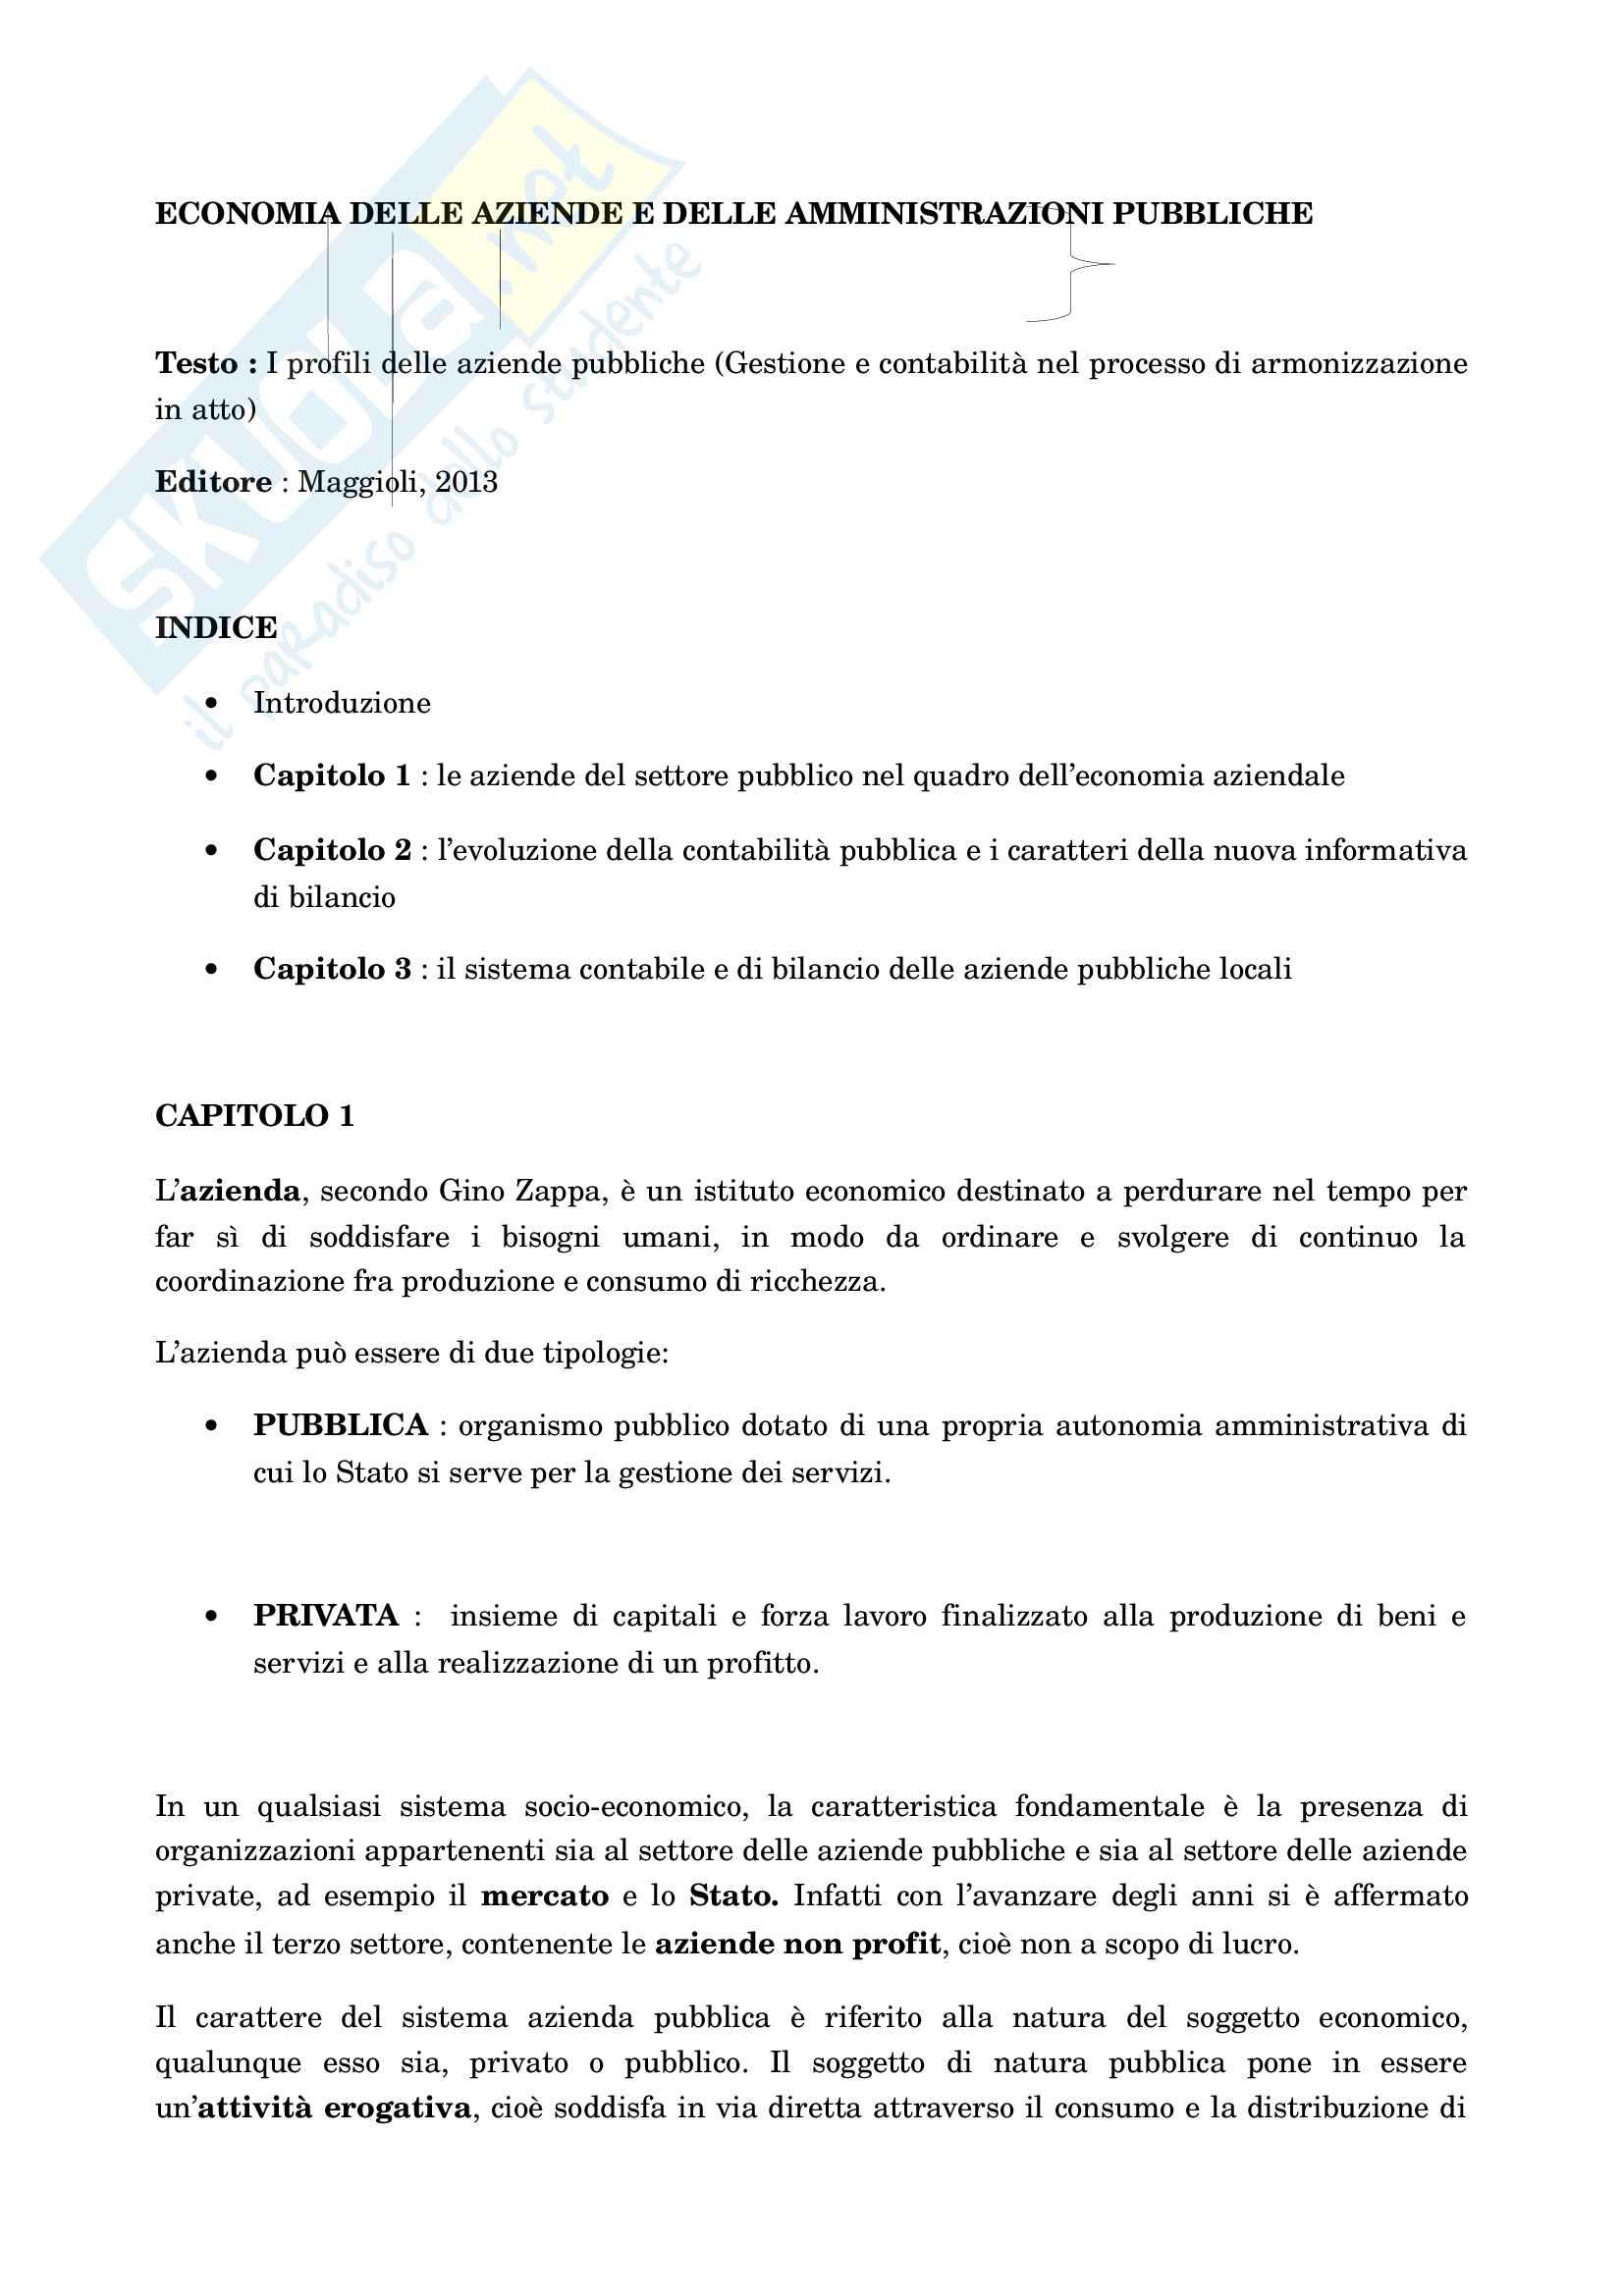 Riassunti esame economia delle aziende e delle Amministrazioni Pubbliche (I e II modulo)